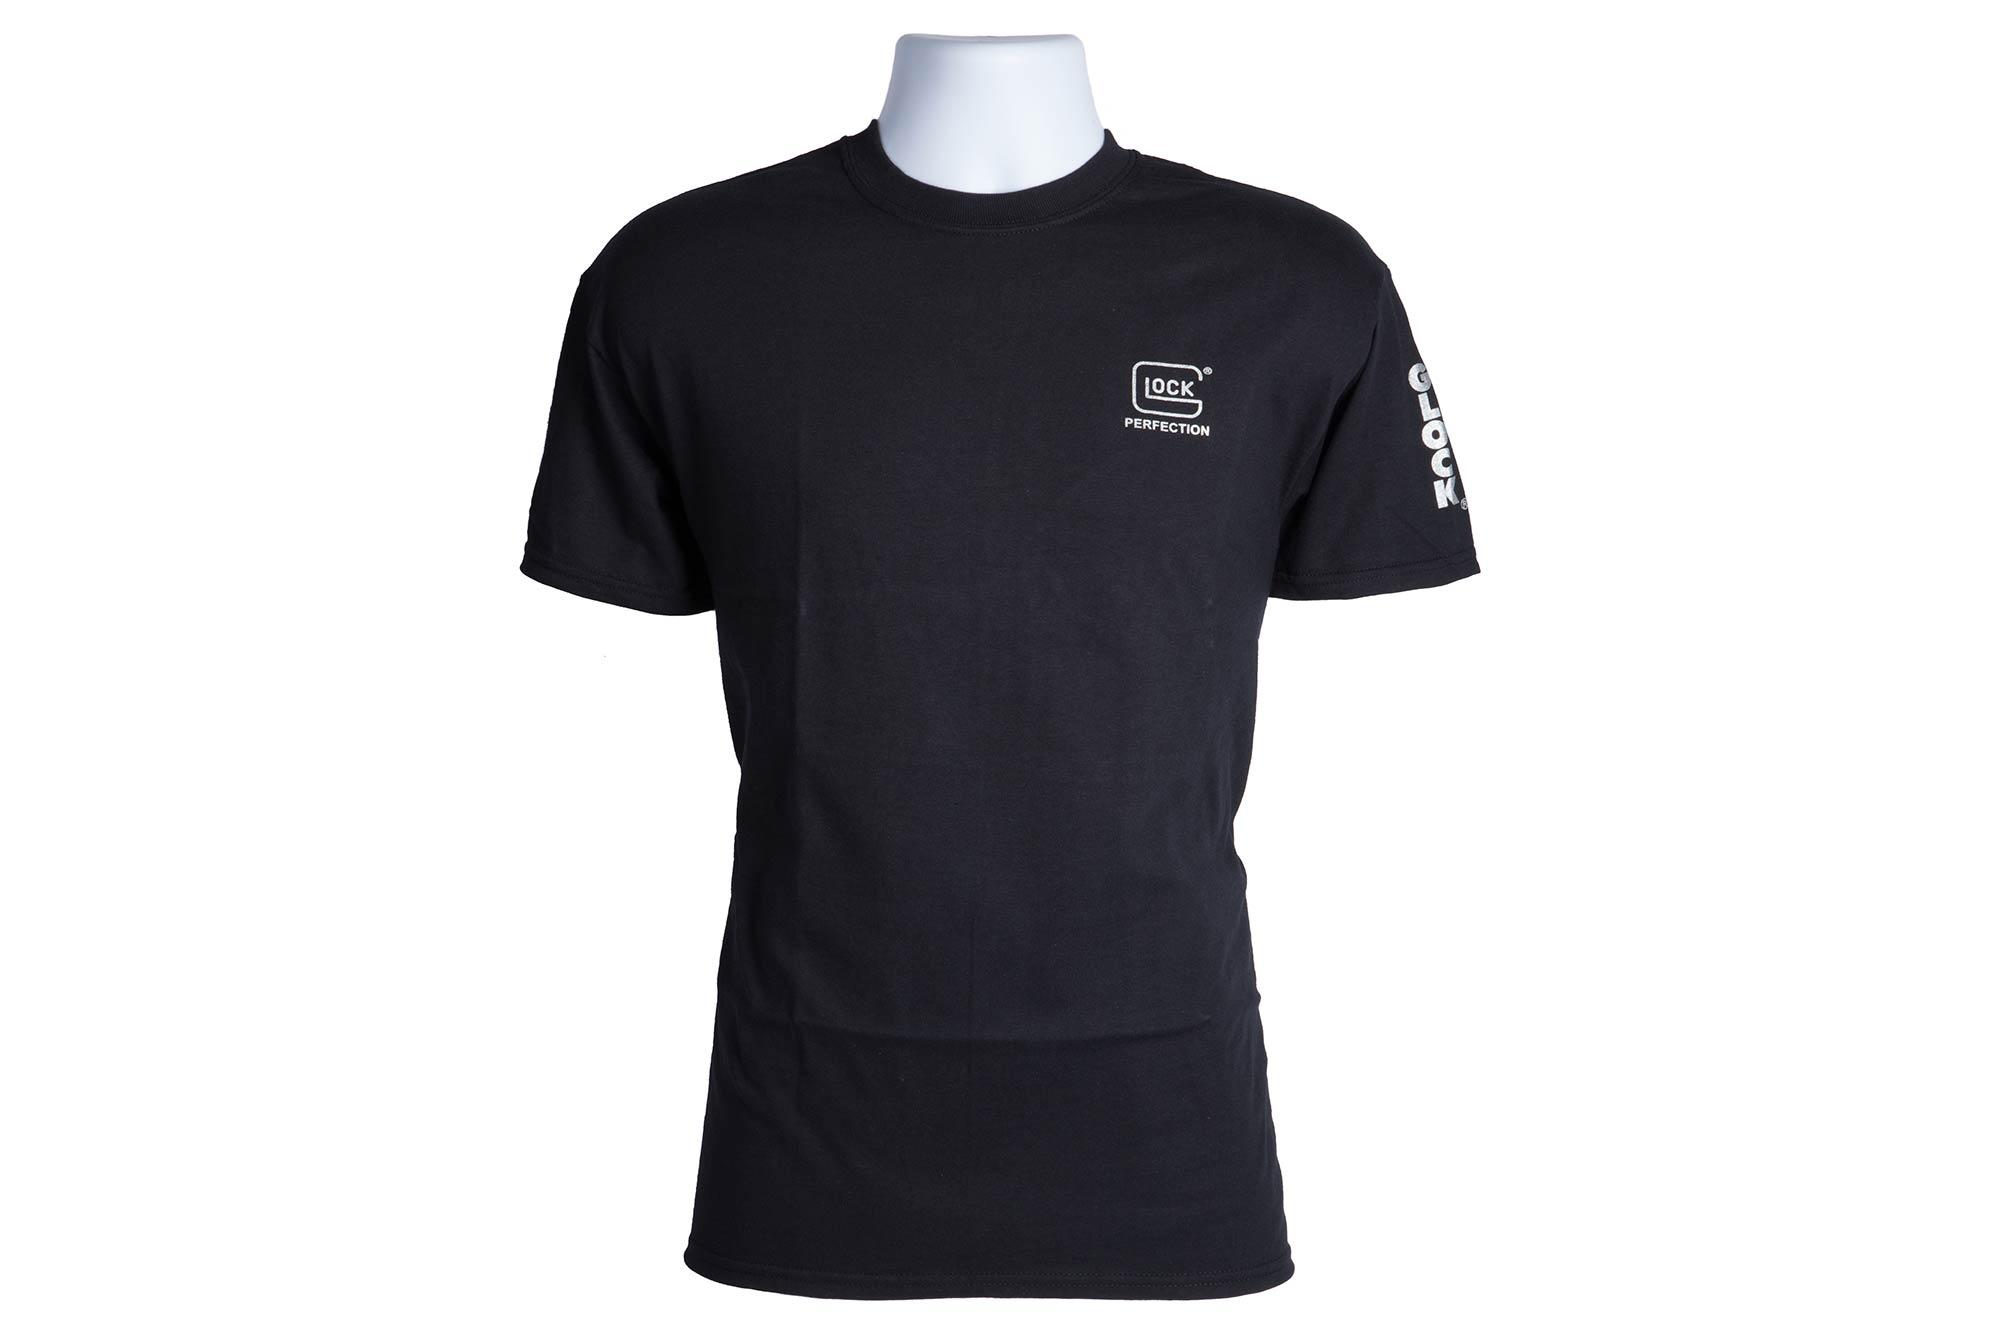 Black t shirt xl - Glock Perfection T Shirt Black Xl